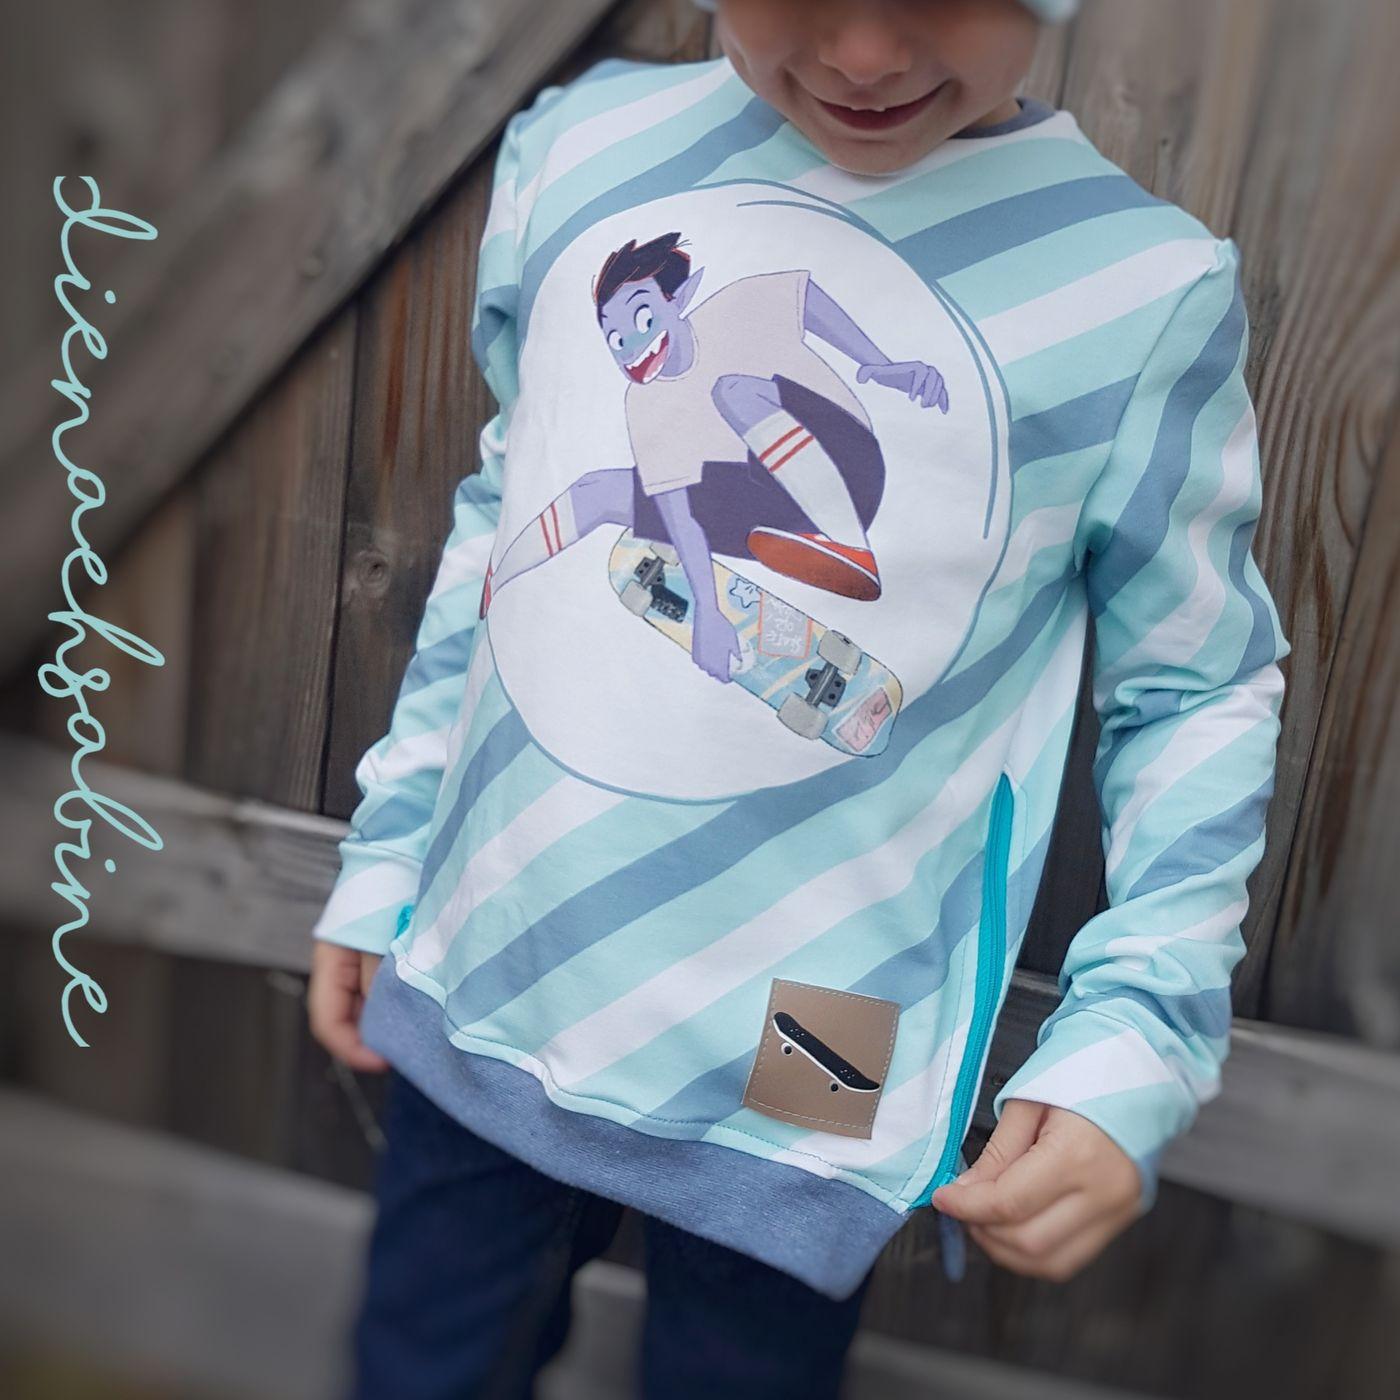 Produktfoto 9 von MamisLiebenNähen für Schnittmuster Sweater Kris in Gr. 86 - 152